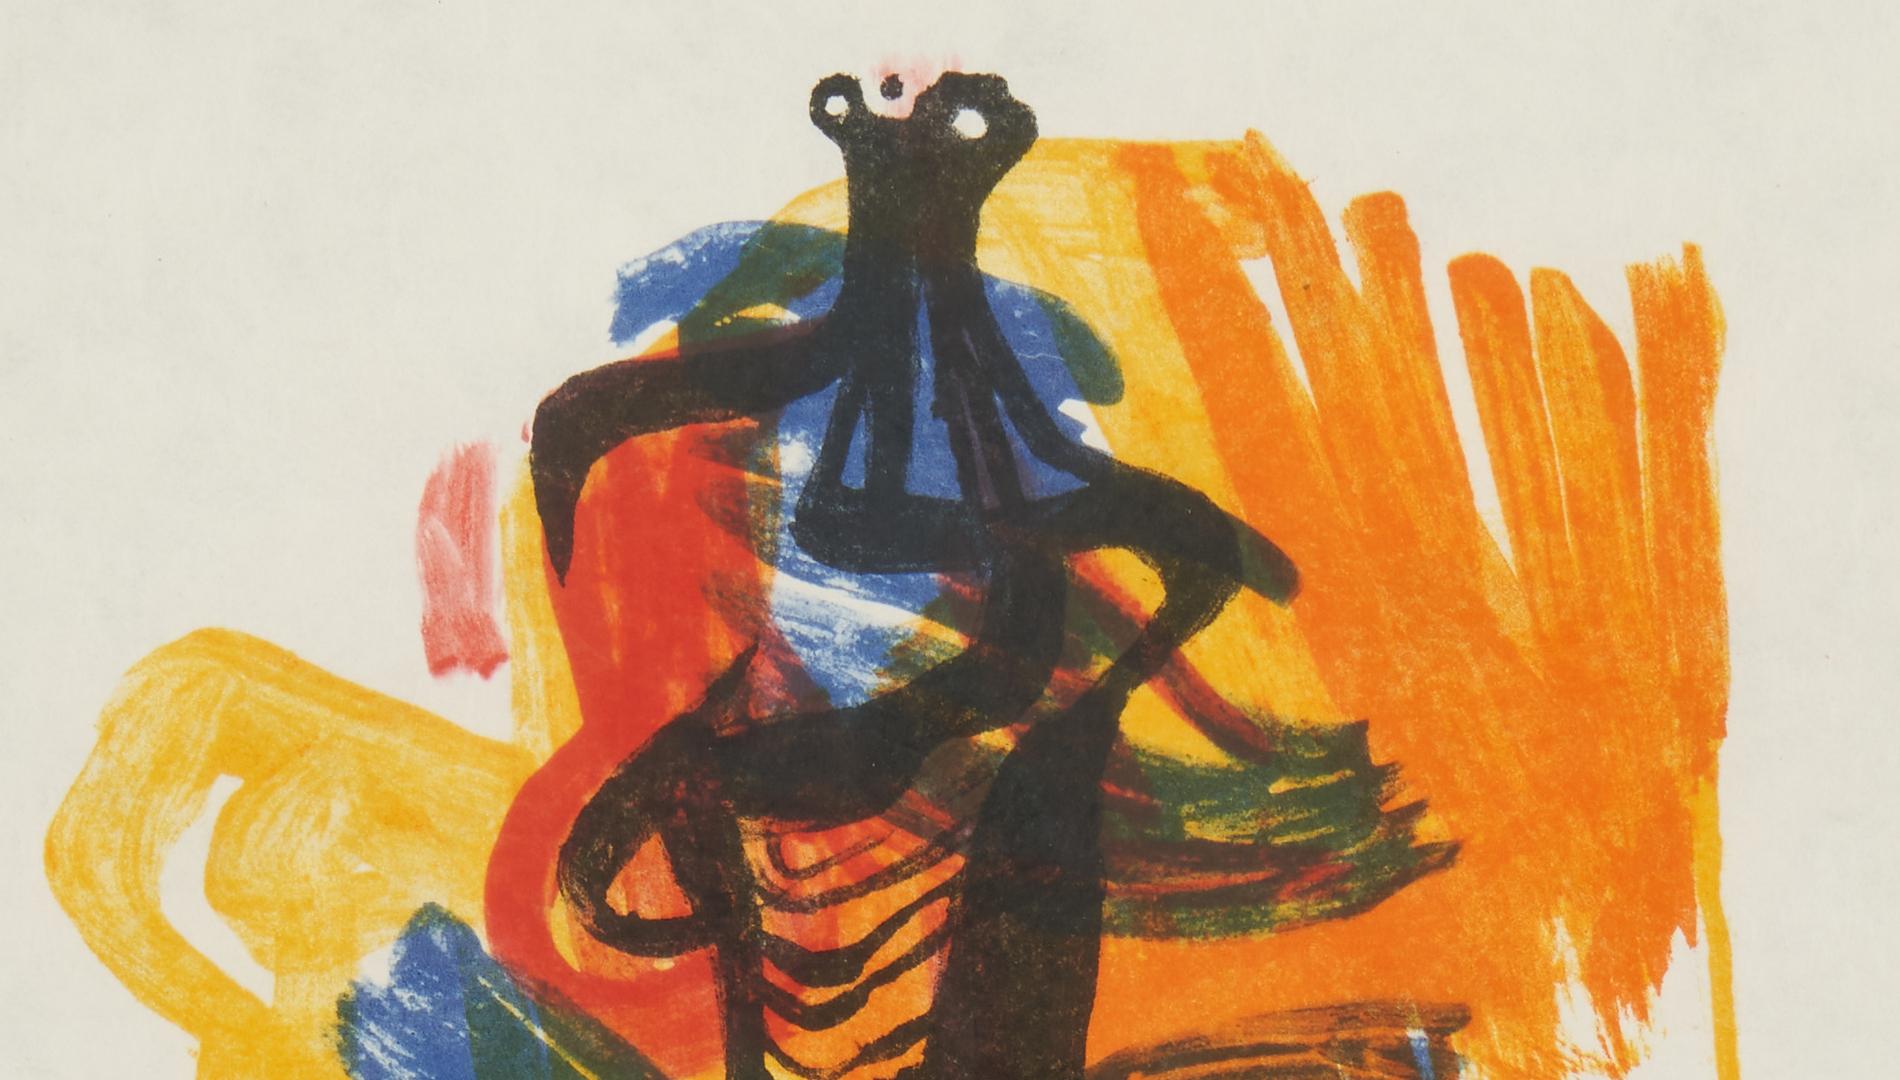 Lot 564: Henry Moore, Black Seated Figure on Orange Ground